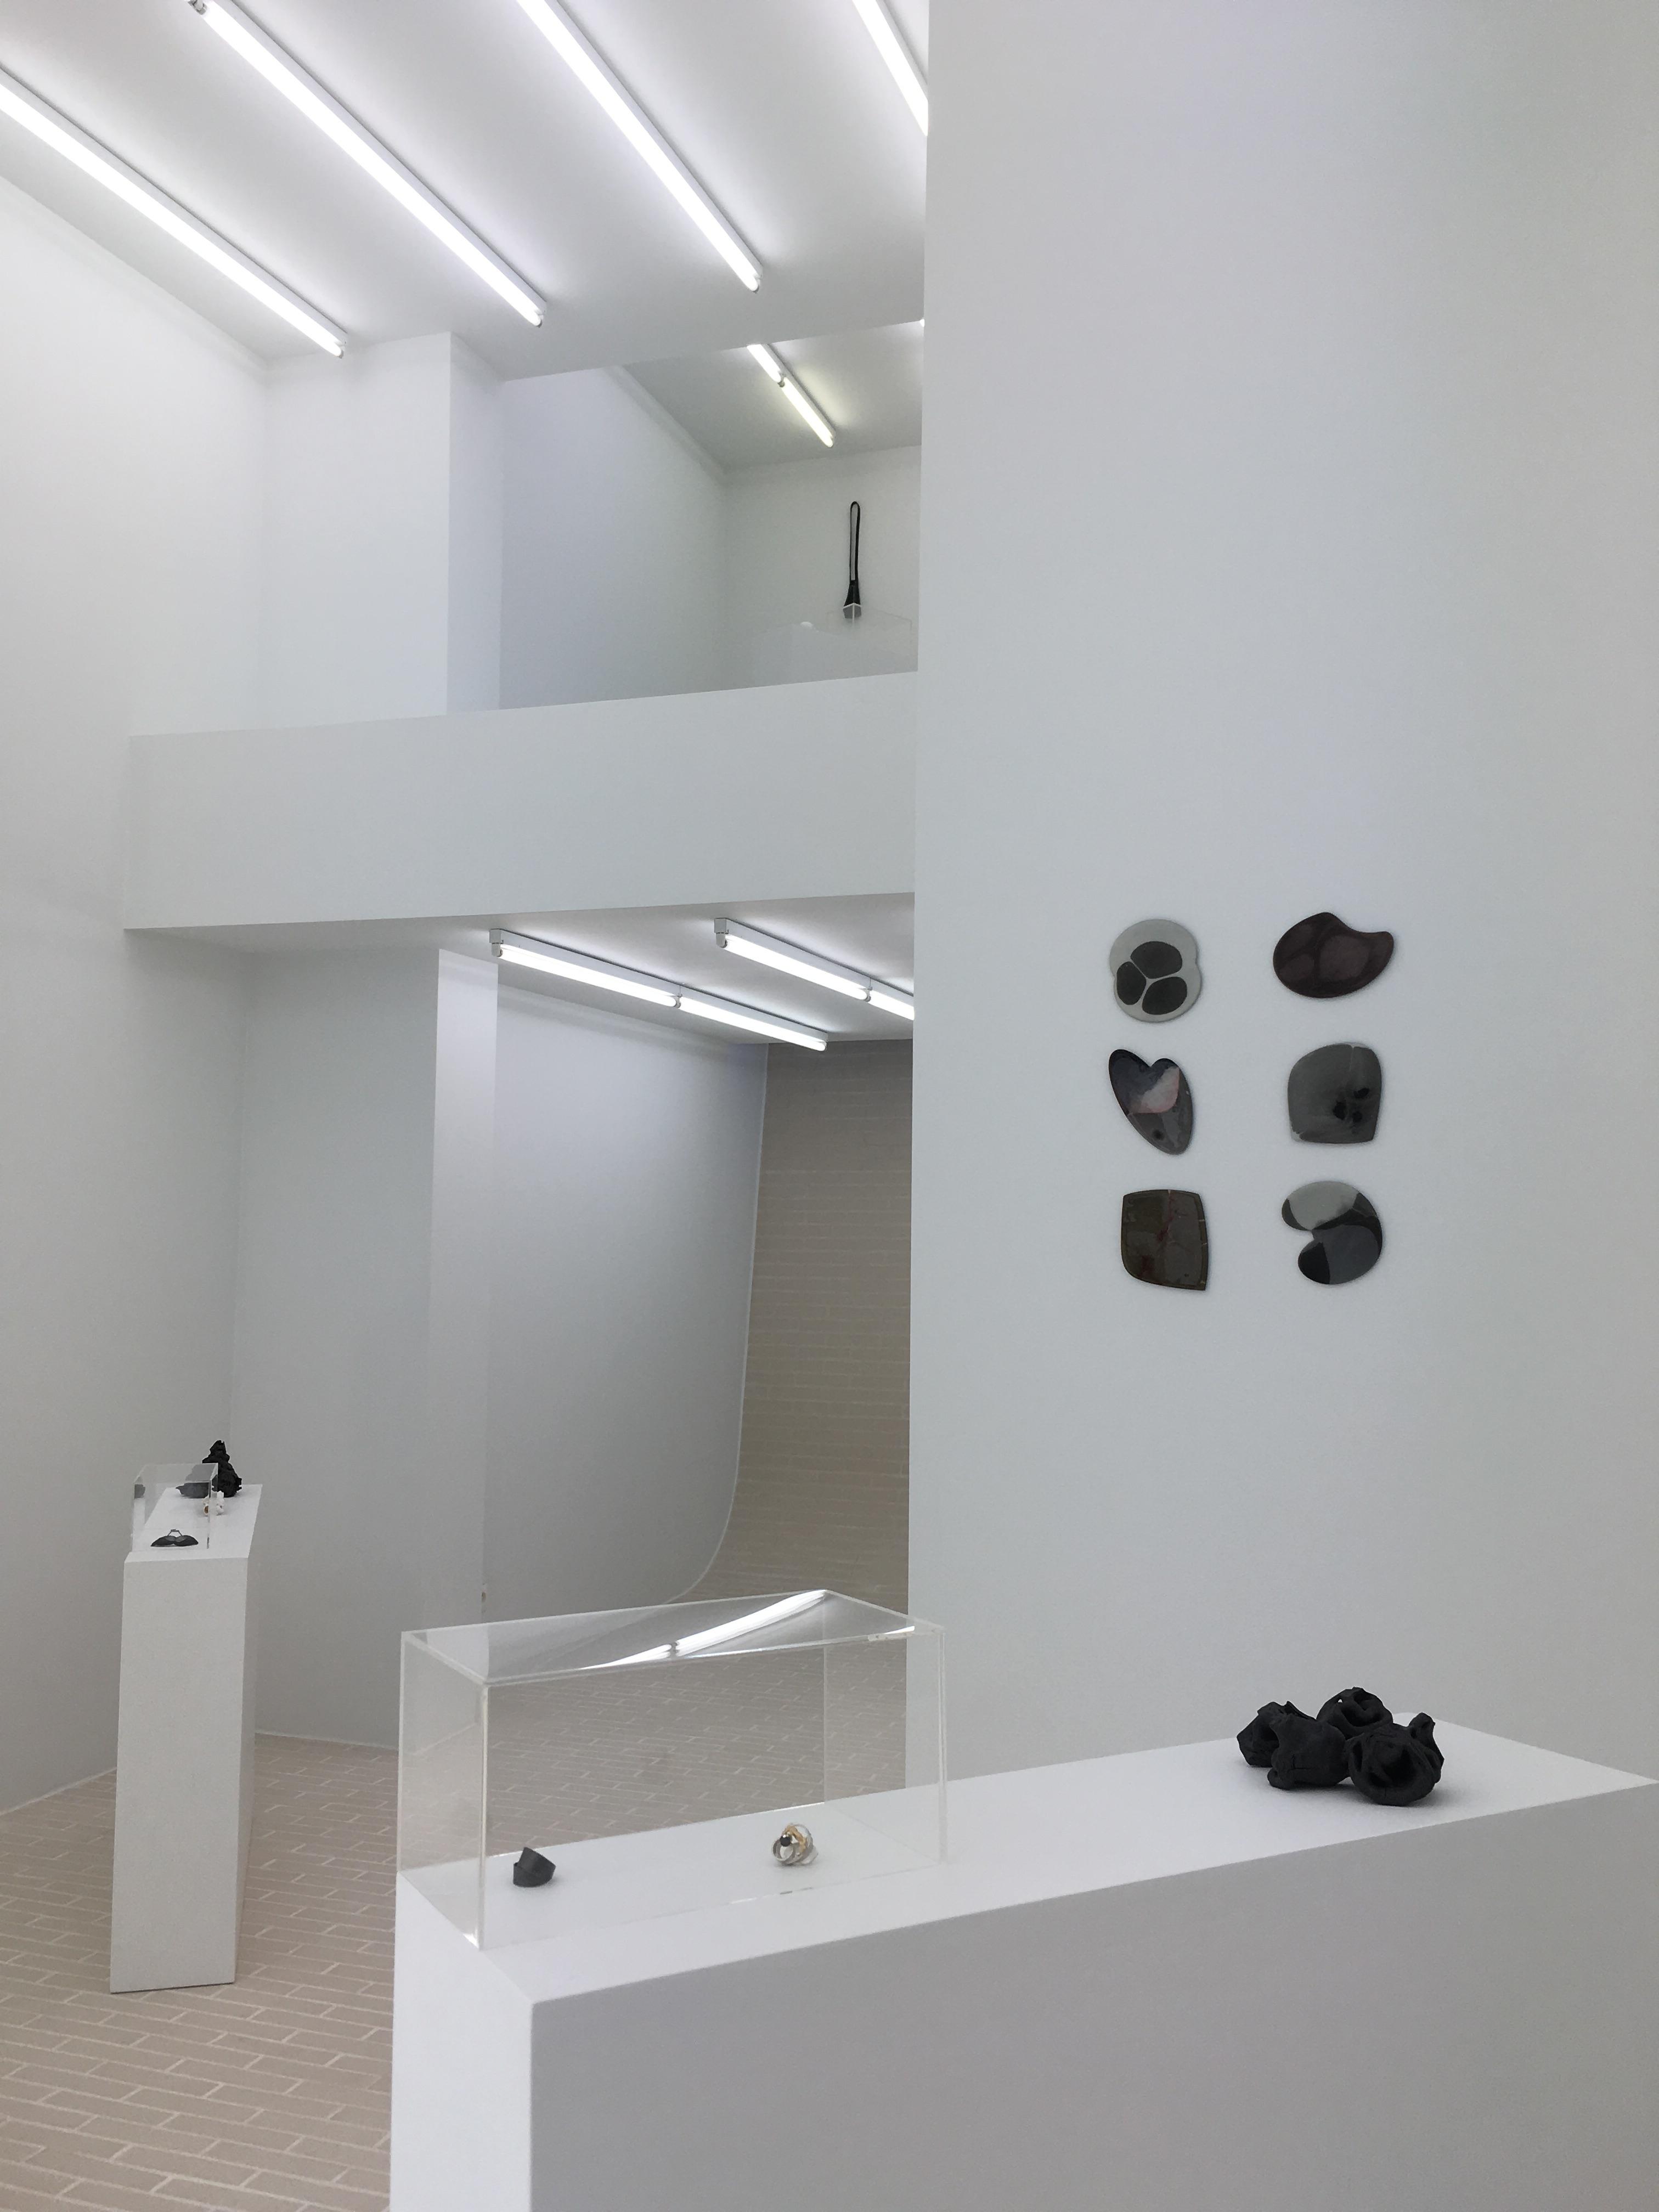 Galerie Beyond, Antwerpen, interieur